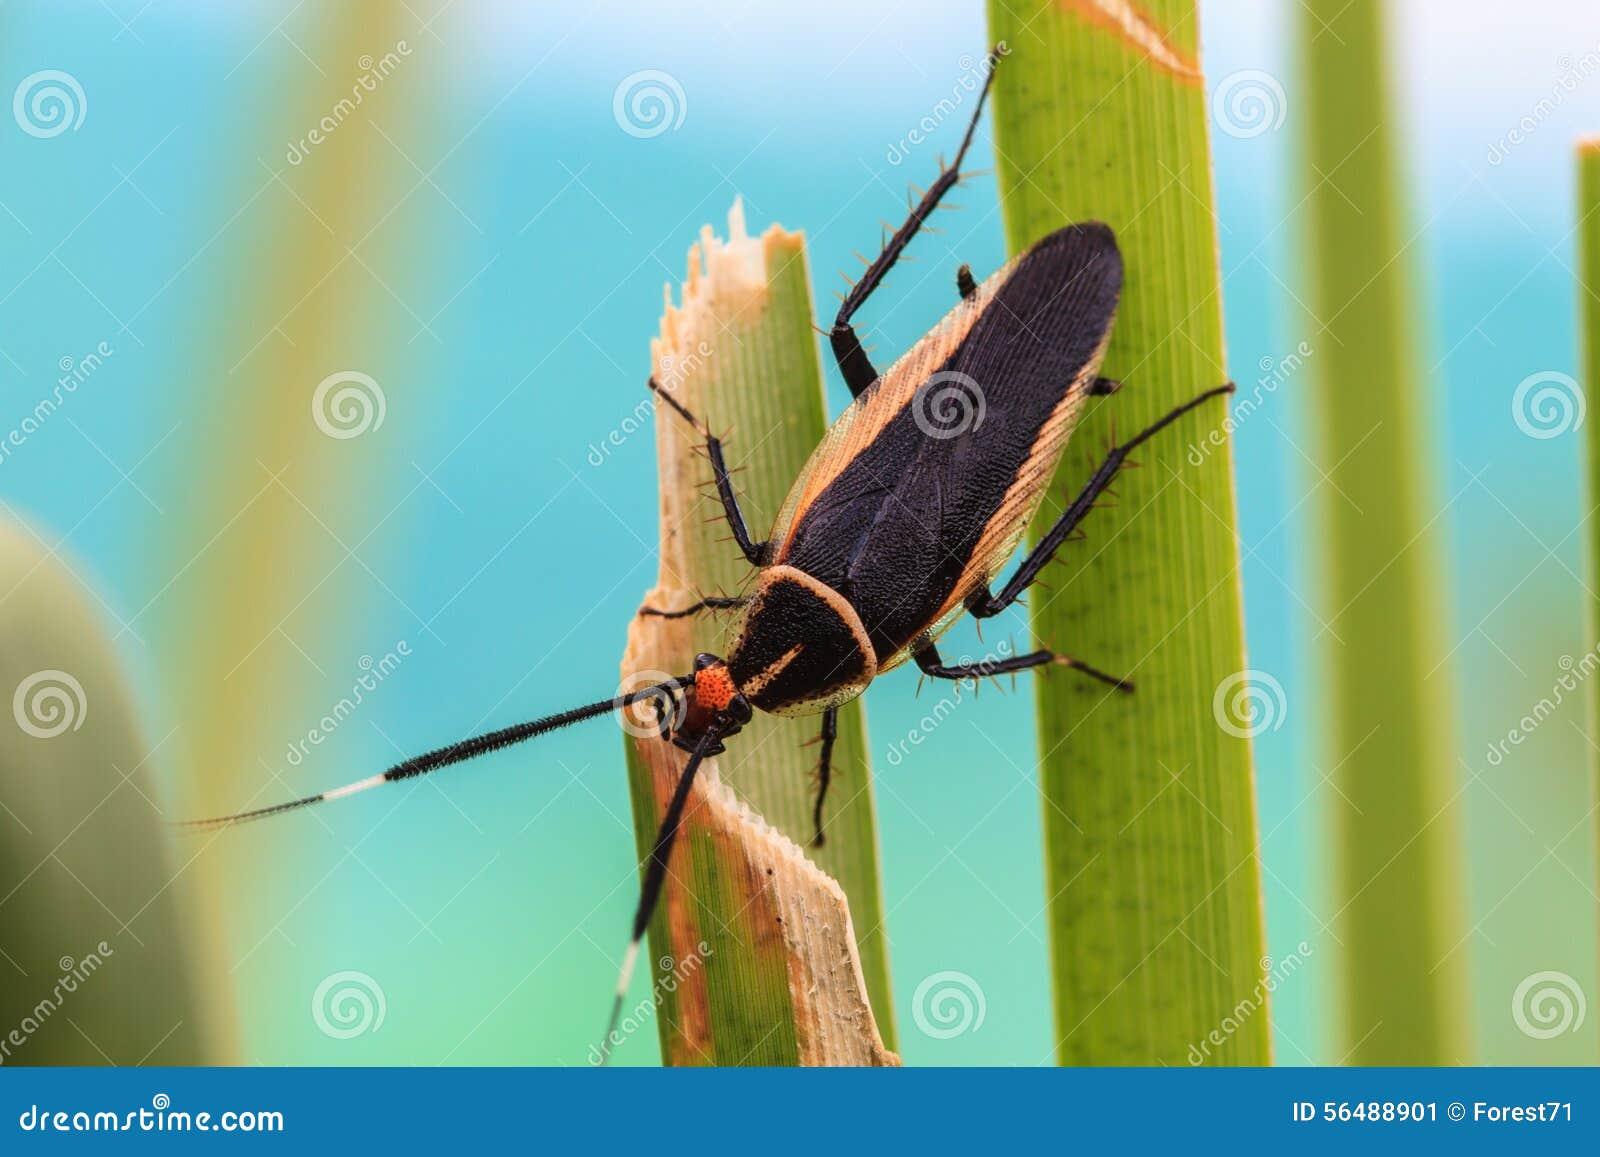 Insecte sur la lame